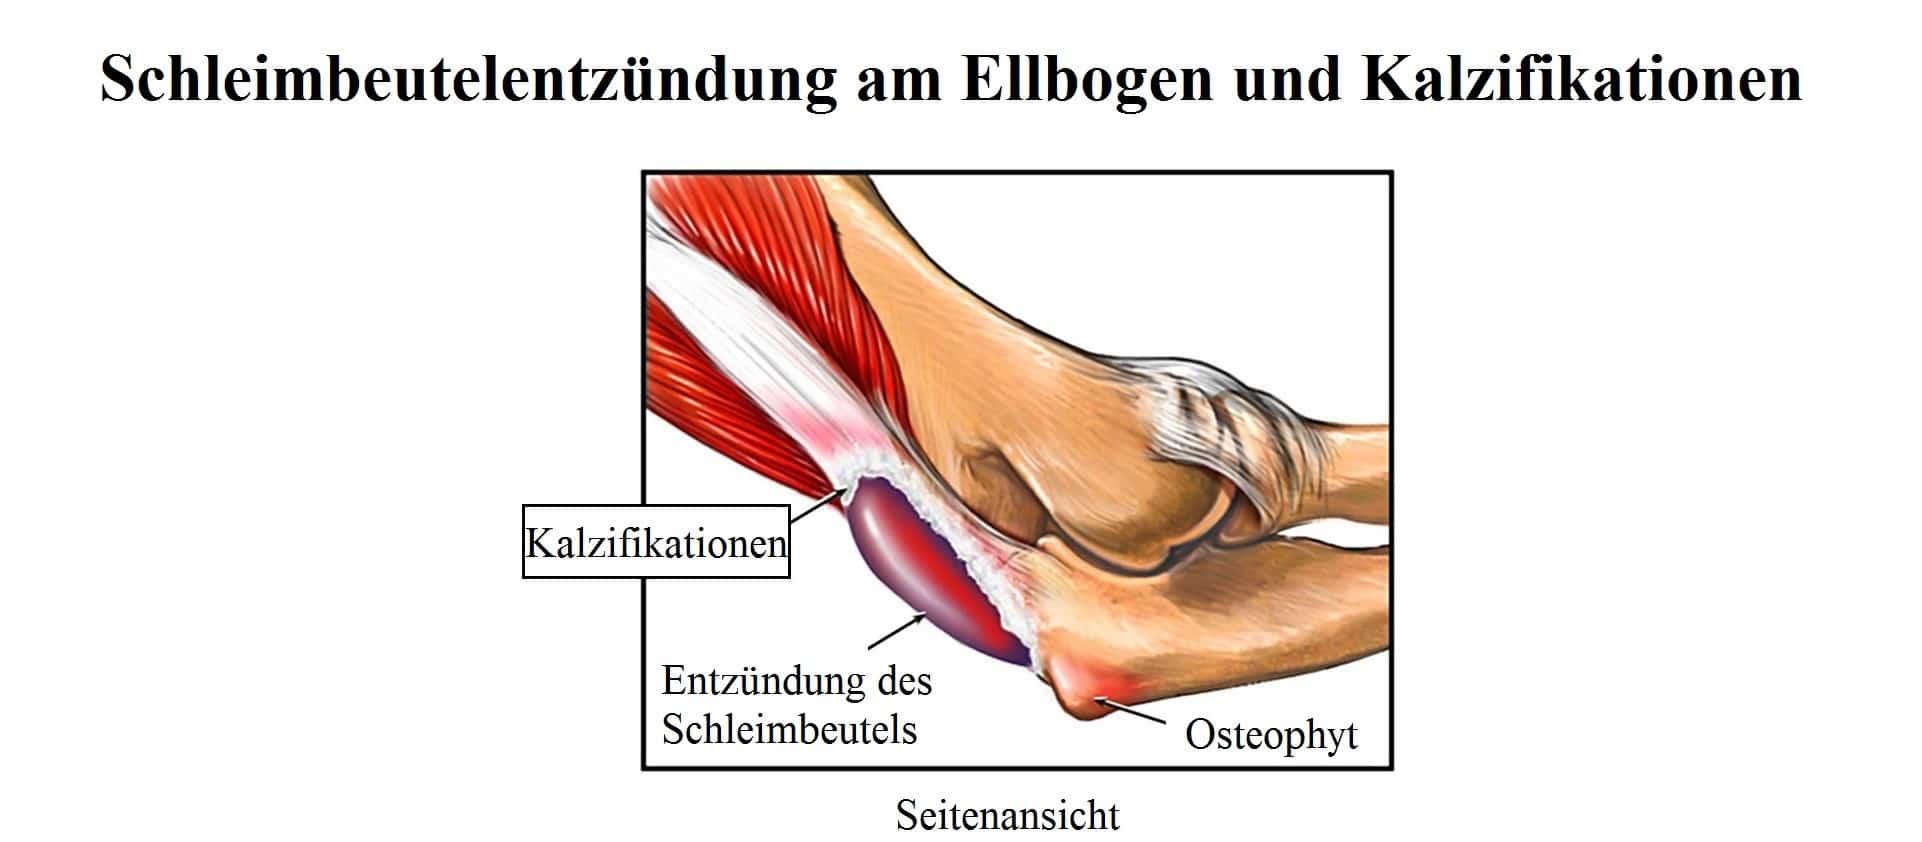 Berühmt Ellenbogen Bänder Fotos - Menschliche Anatomie Bilder ...